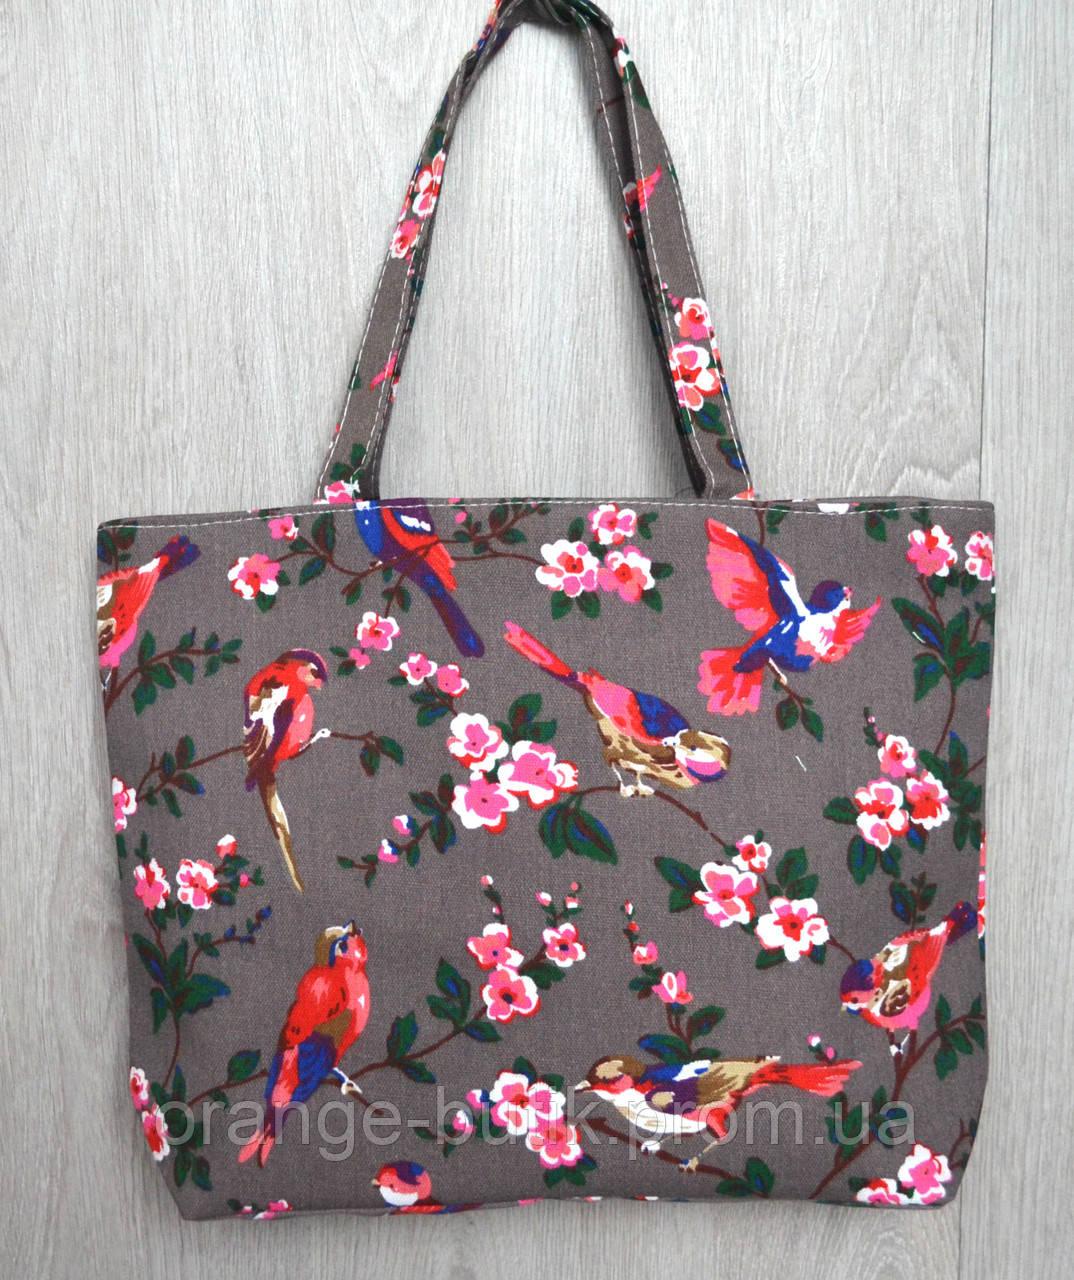 97fef6337a38 Пляжная, городская сумка с принтом птички - Интернет-магазин